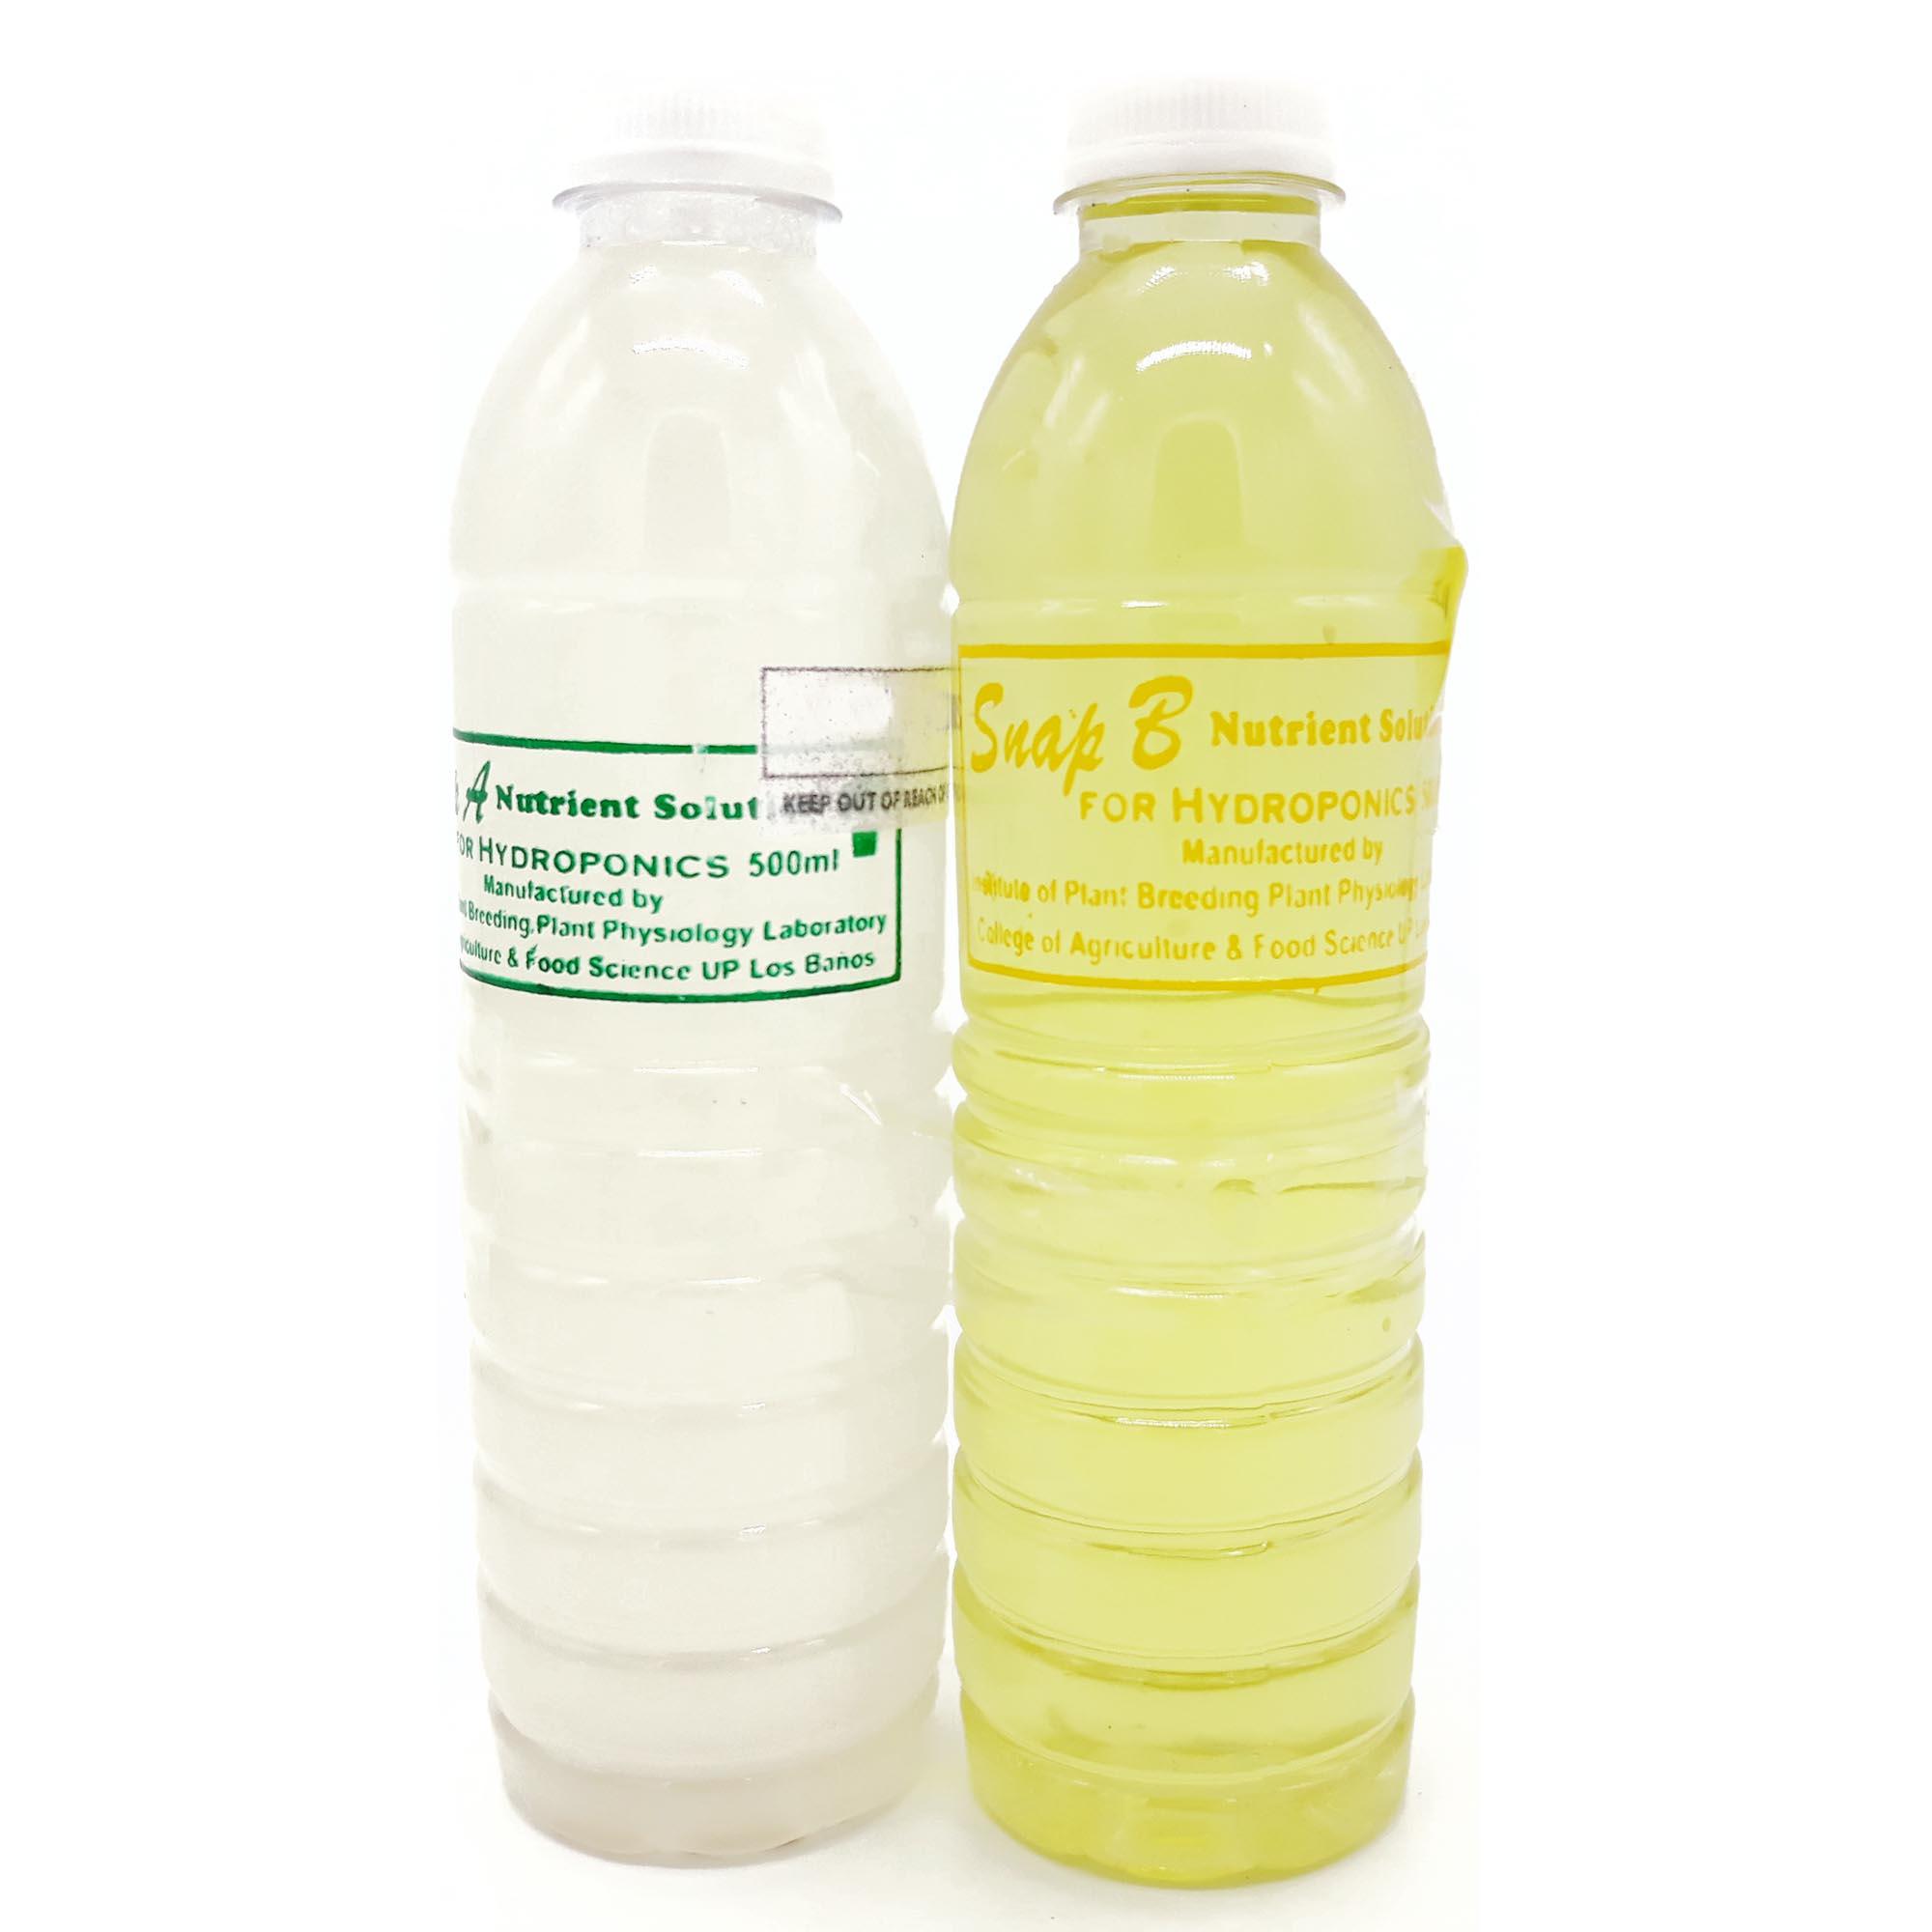 Snap Hydroponics Nutrient Solution 500ml Set Fertilizer